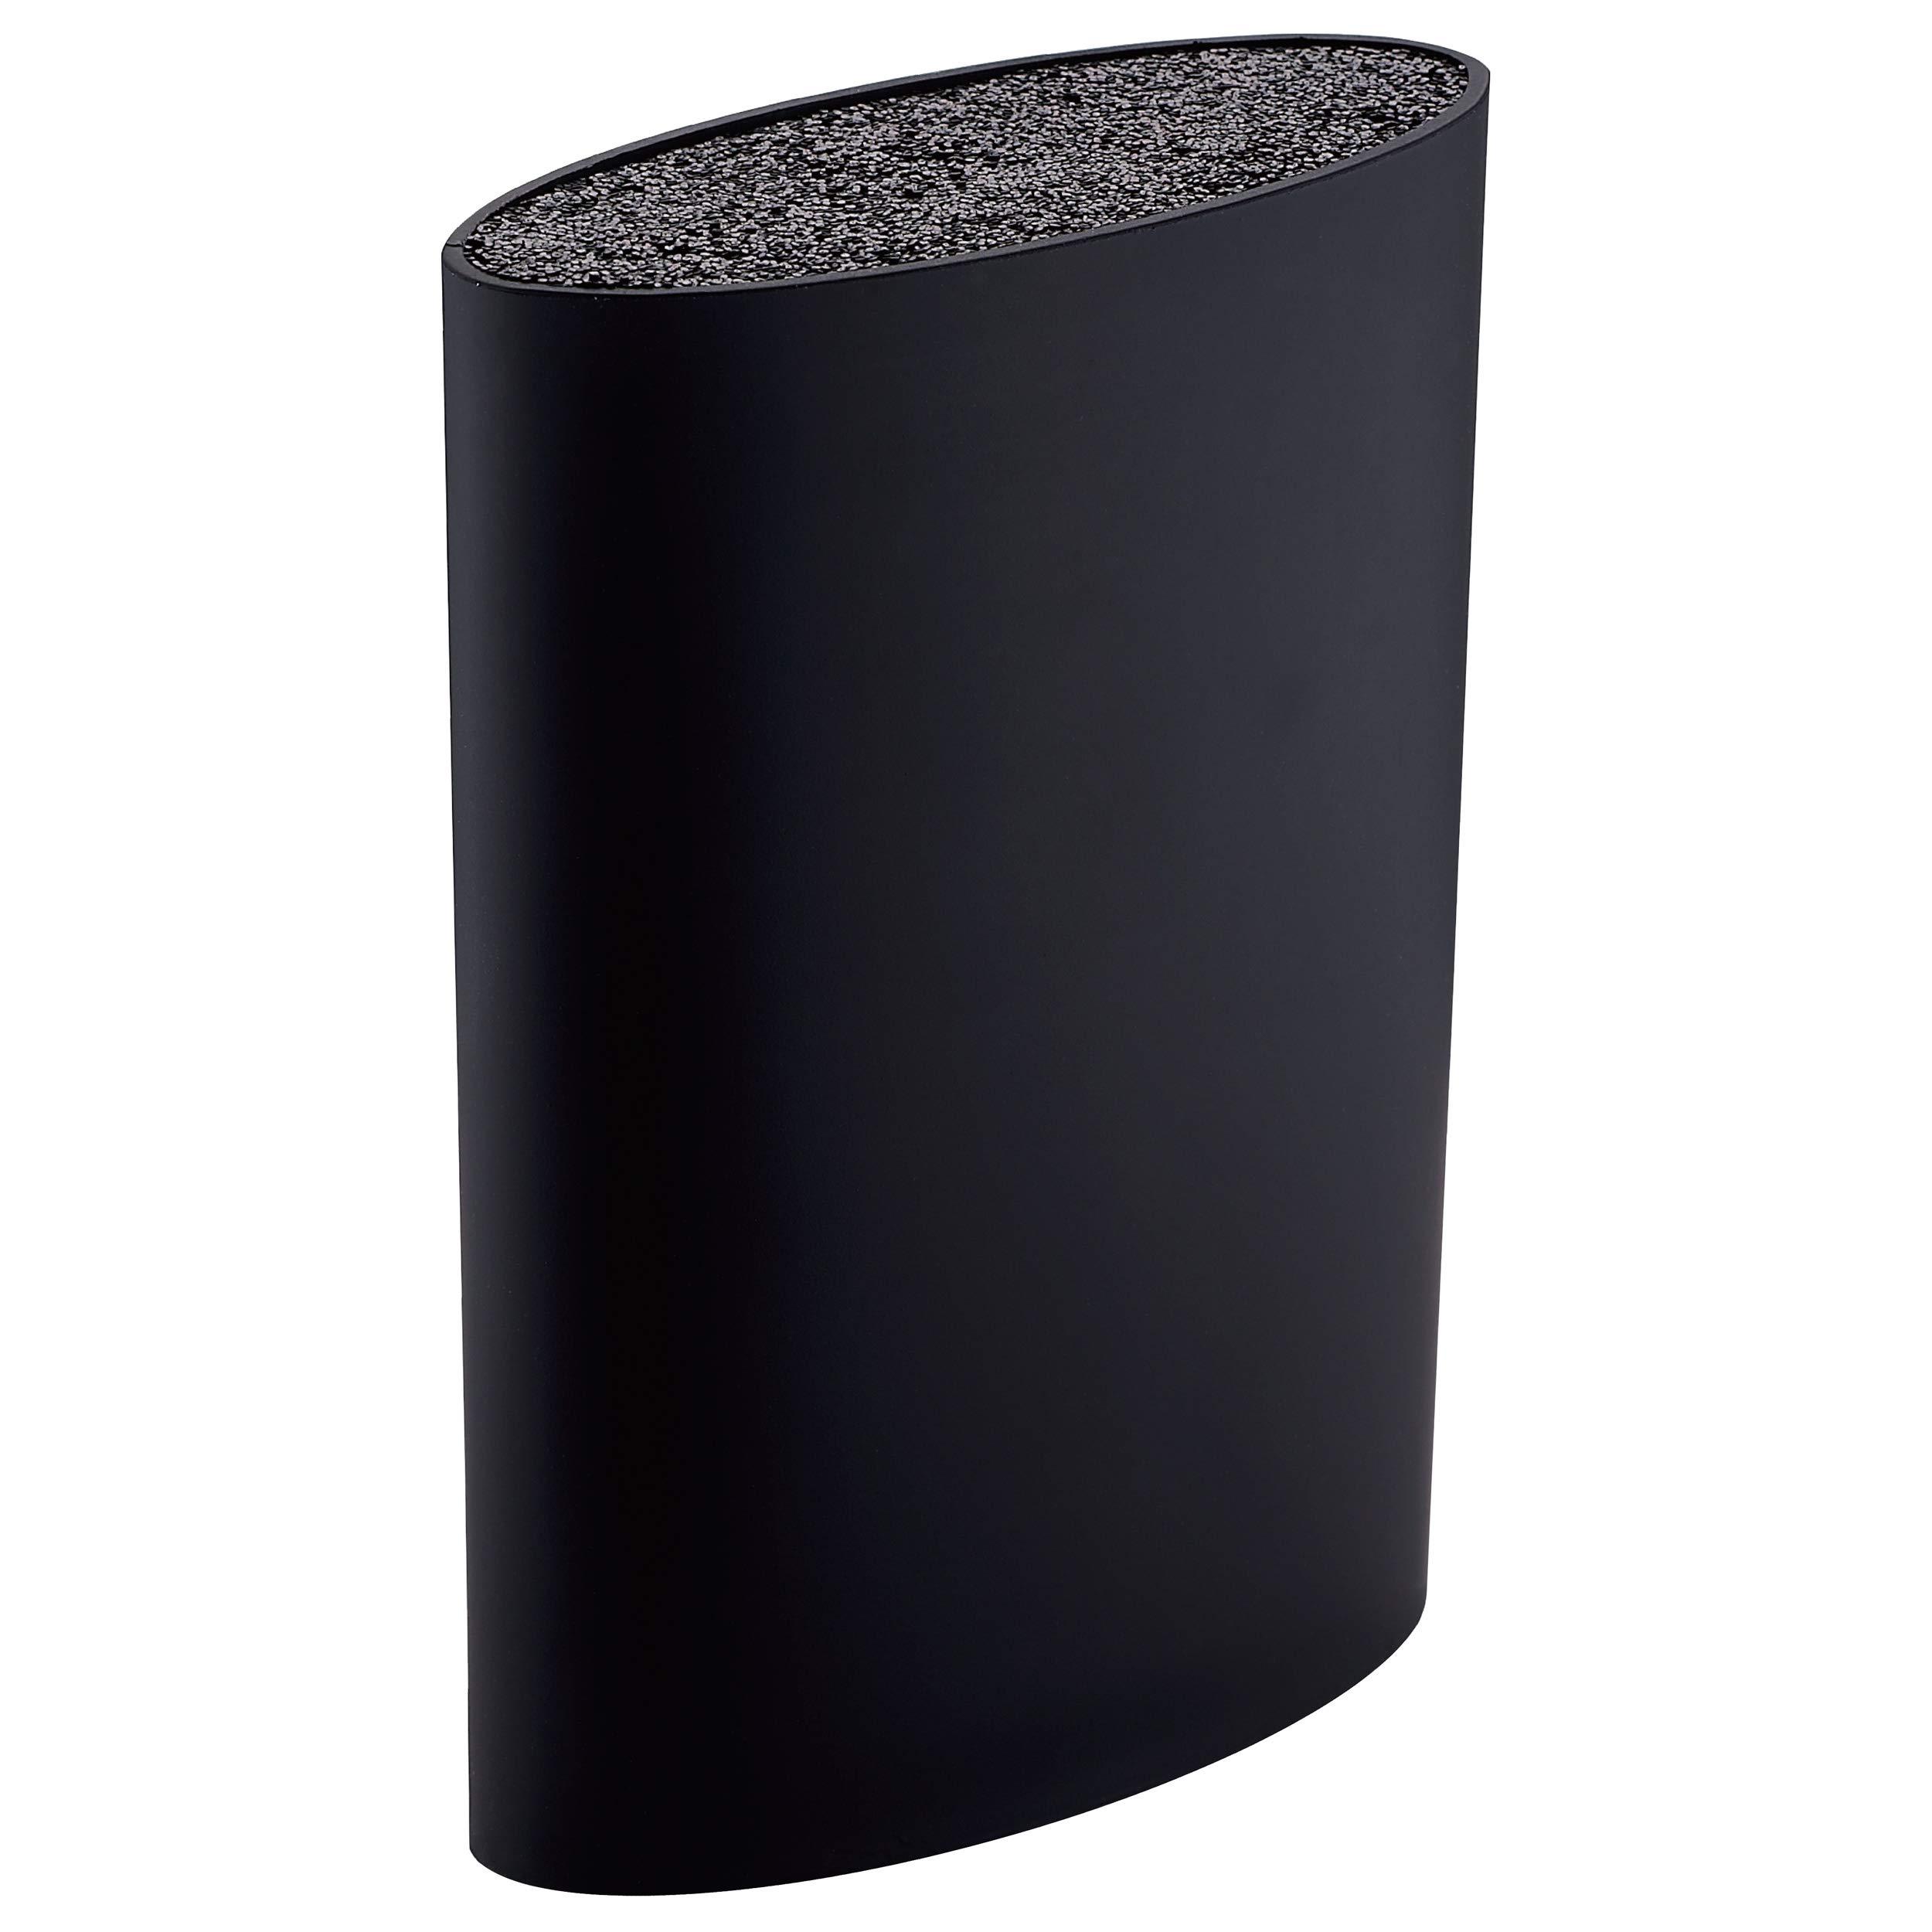 Tacoma / Bloque de cuchillos universal, gran capacidad, lavable, goma plástica, negro product image